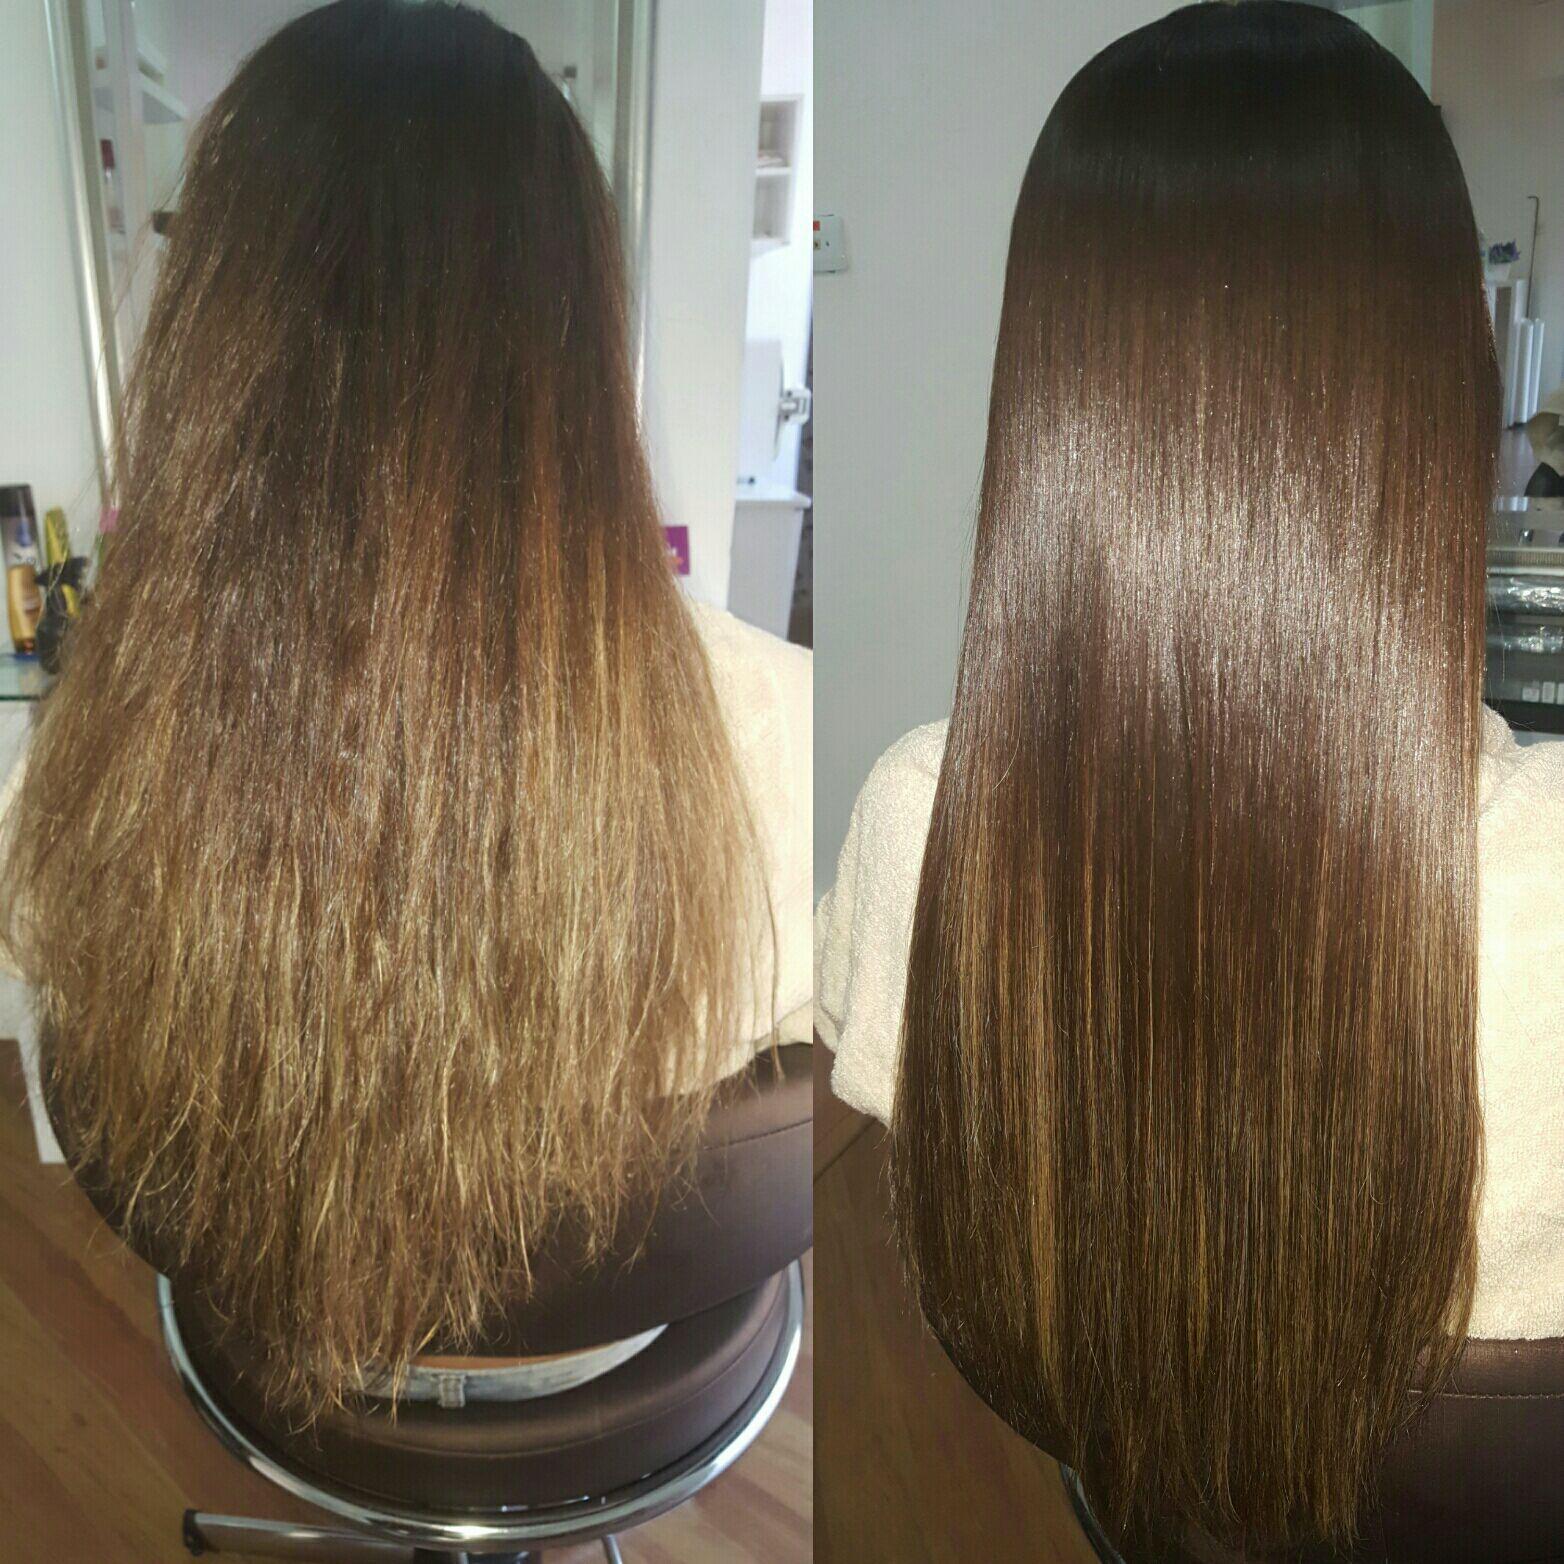 Progressiva para alinhamento dos fios e selamento das cutículas cabelo cabeleireiro(a) maquiador(a) micropigmentador(a)